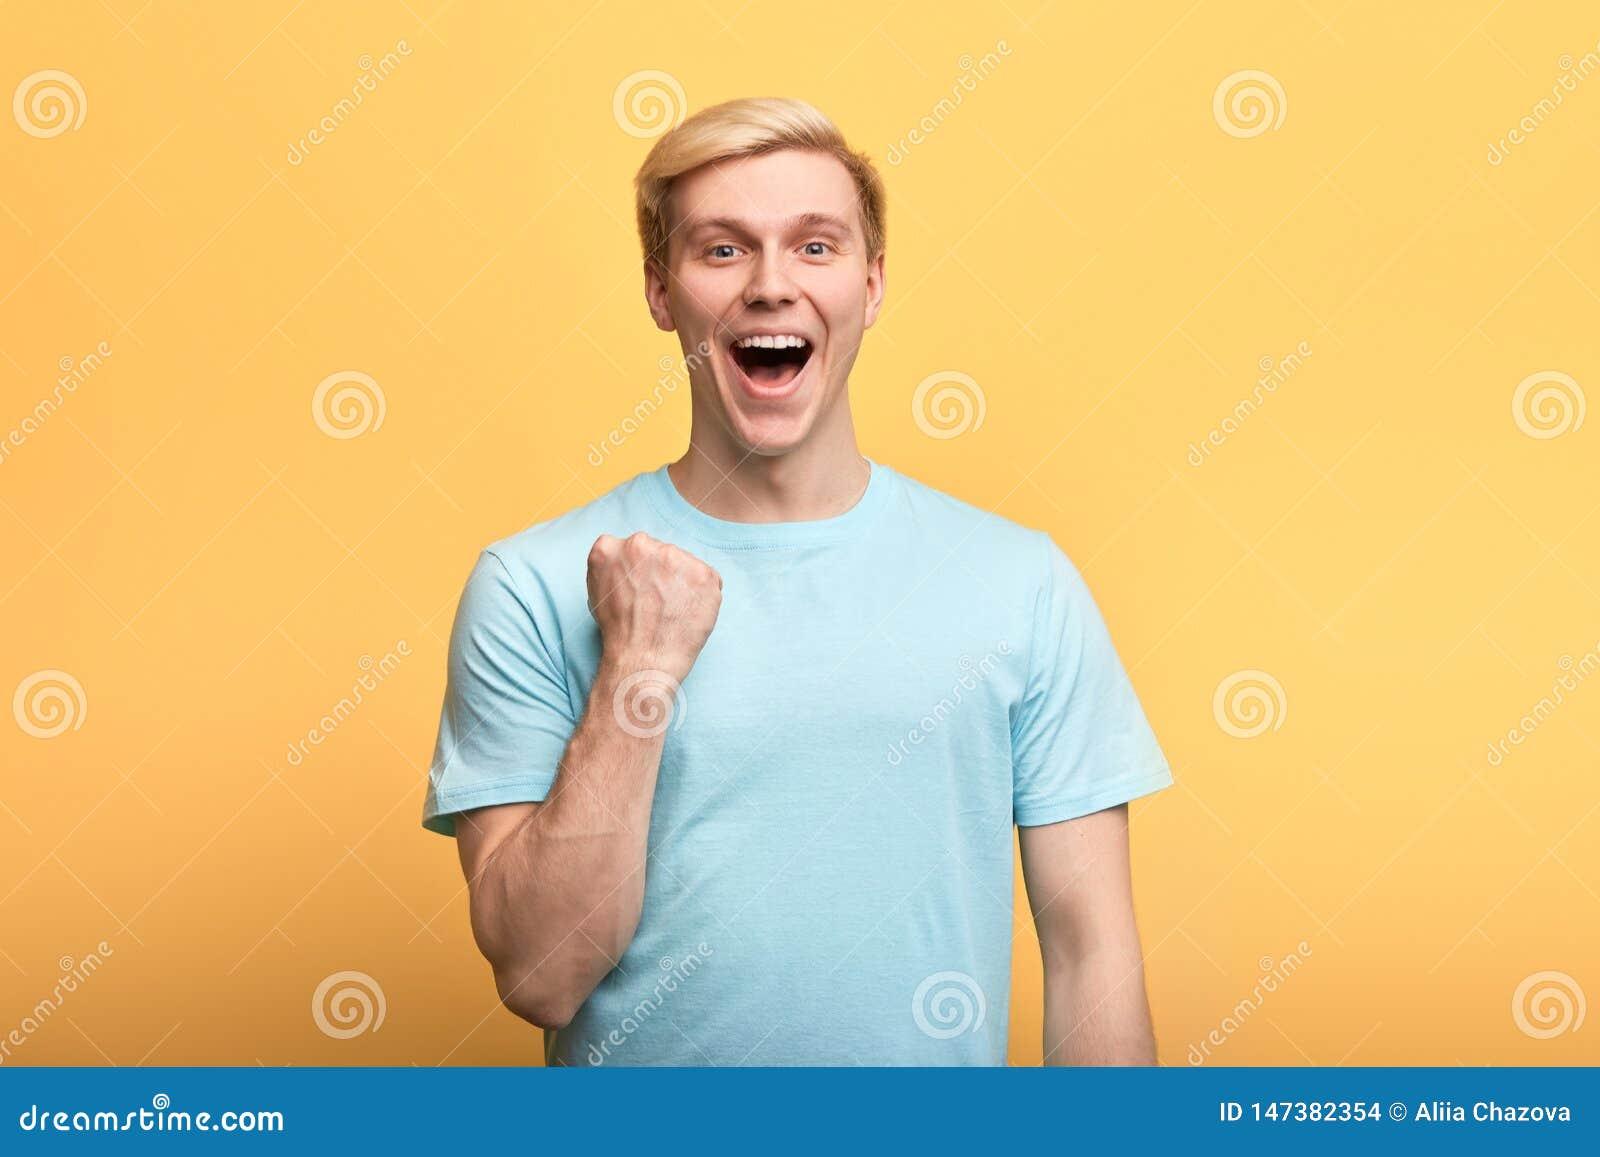 Giovane uomo emozionale splendido positivo che alza i pugni chiusi evviva nel gesto